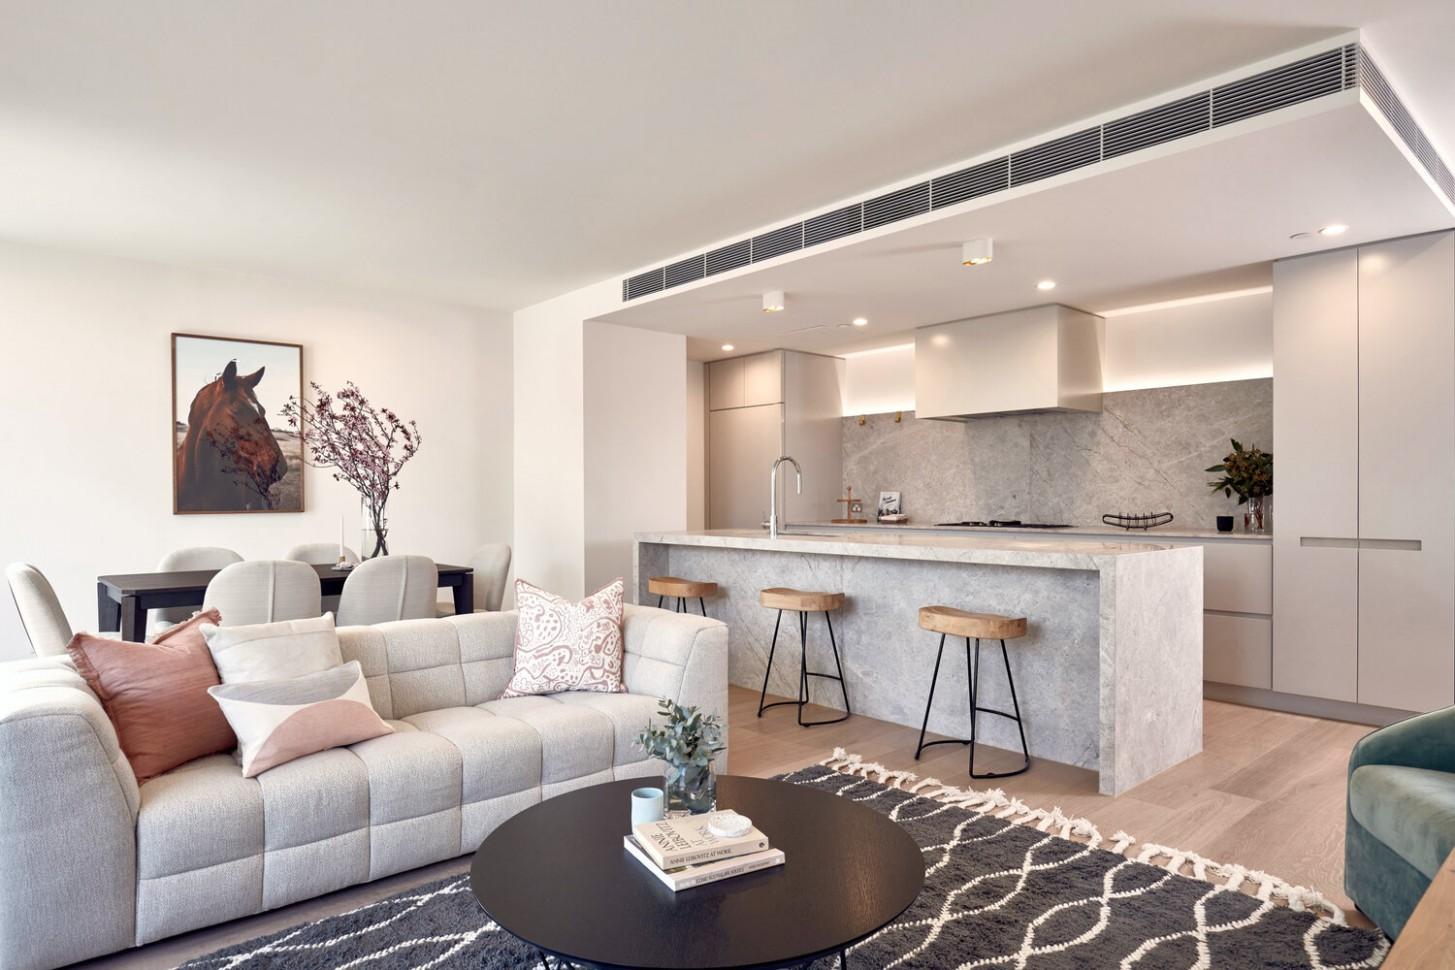 The Apartment Brief - Apartment Design Brief